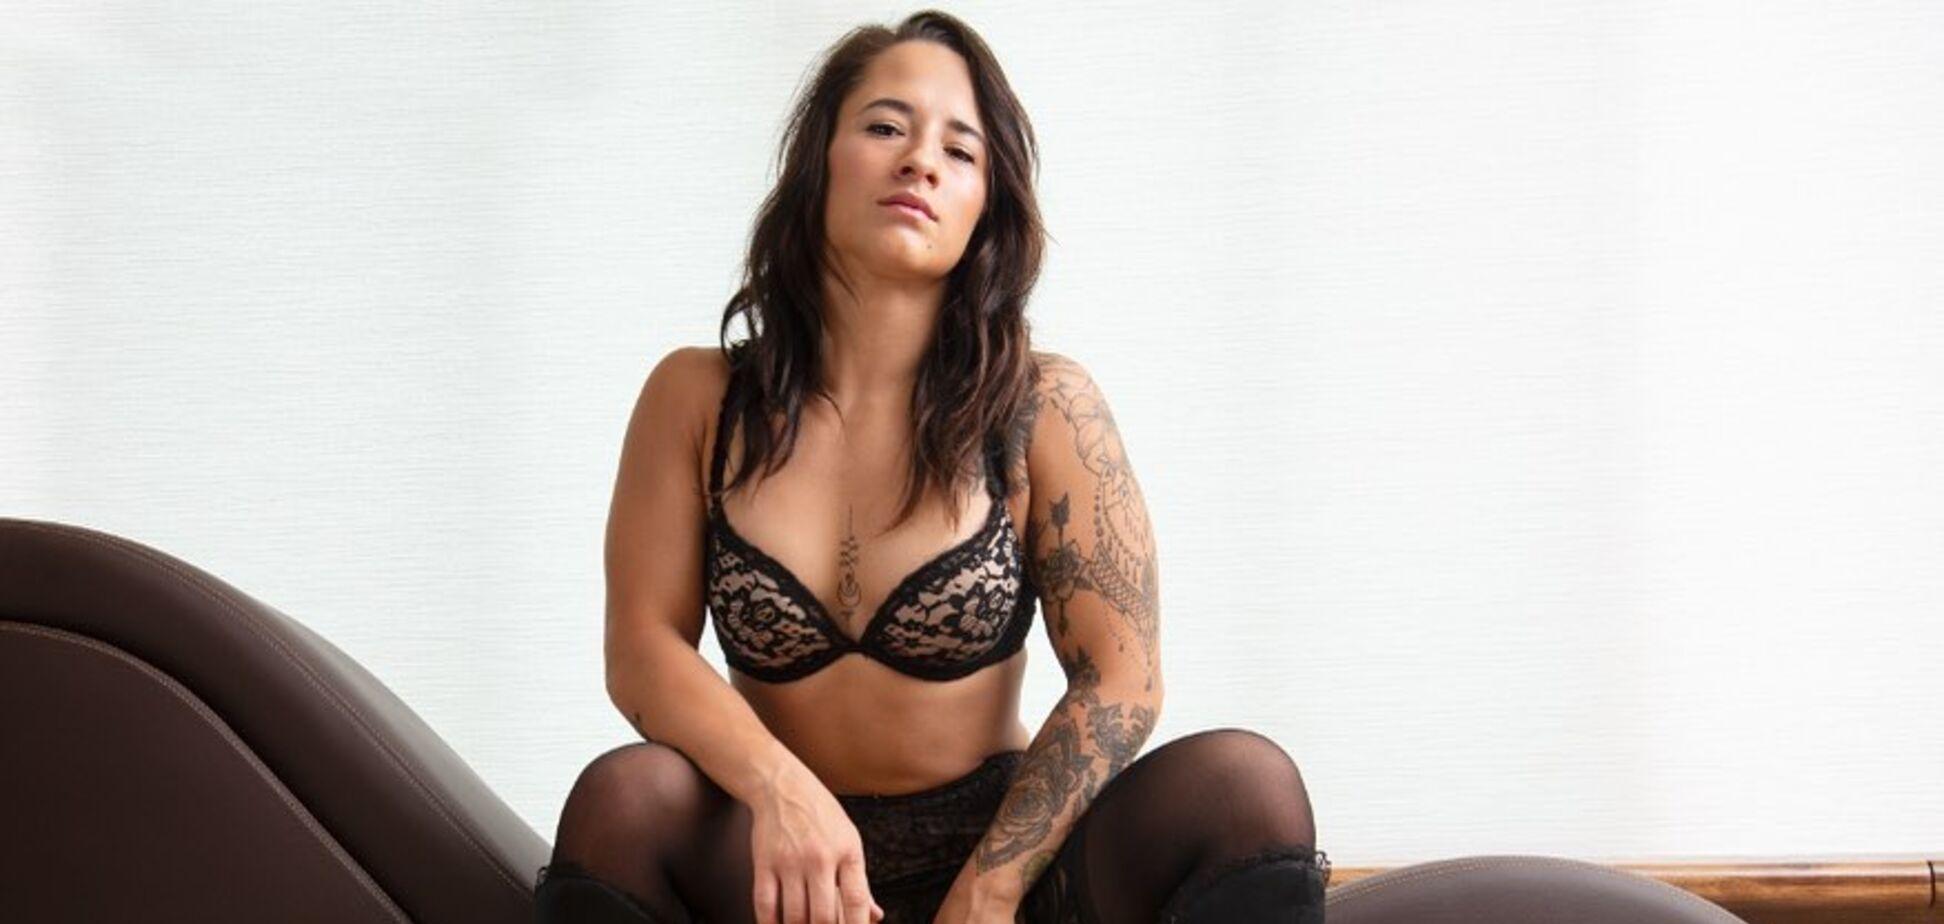 Дівчина-боєць ММА Аліша Заппітелла розкрила кімоно, відкривши оголені груди